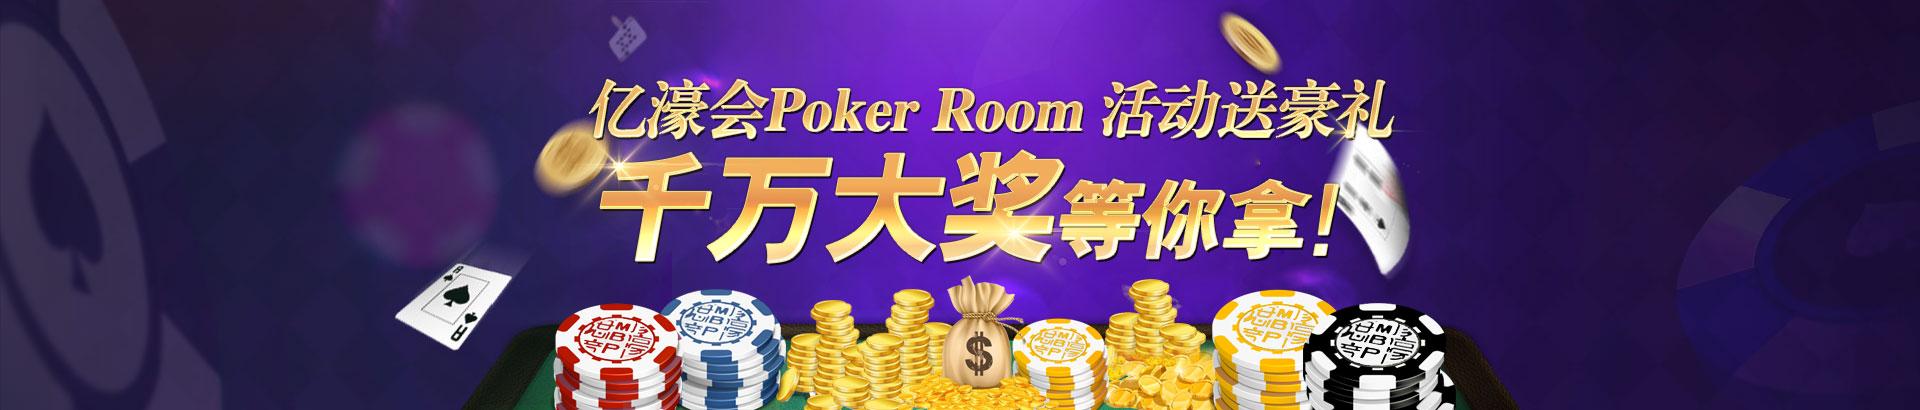 亿濠会Poker Room 活动送豪礼,千万大奖等你拿!